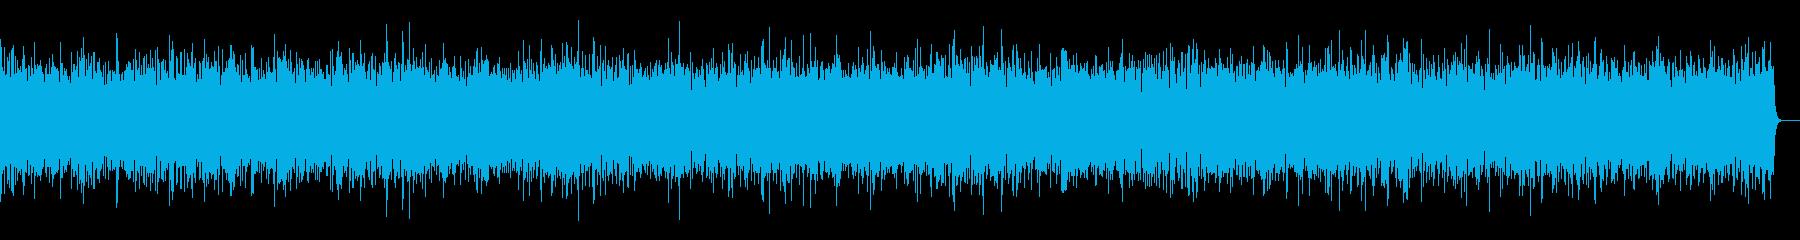 News39 16bit48kHzVerの再生済みの波形